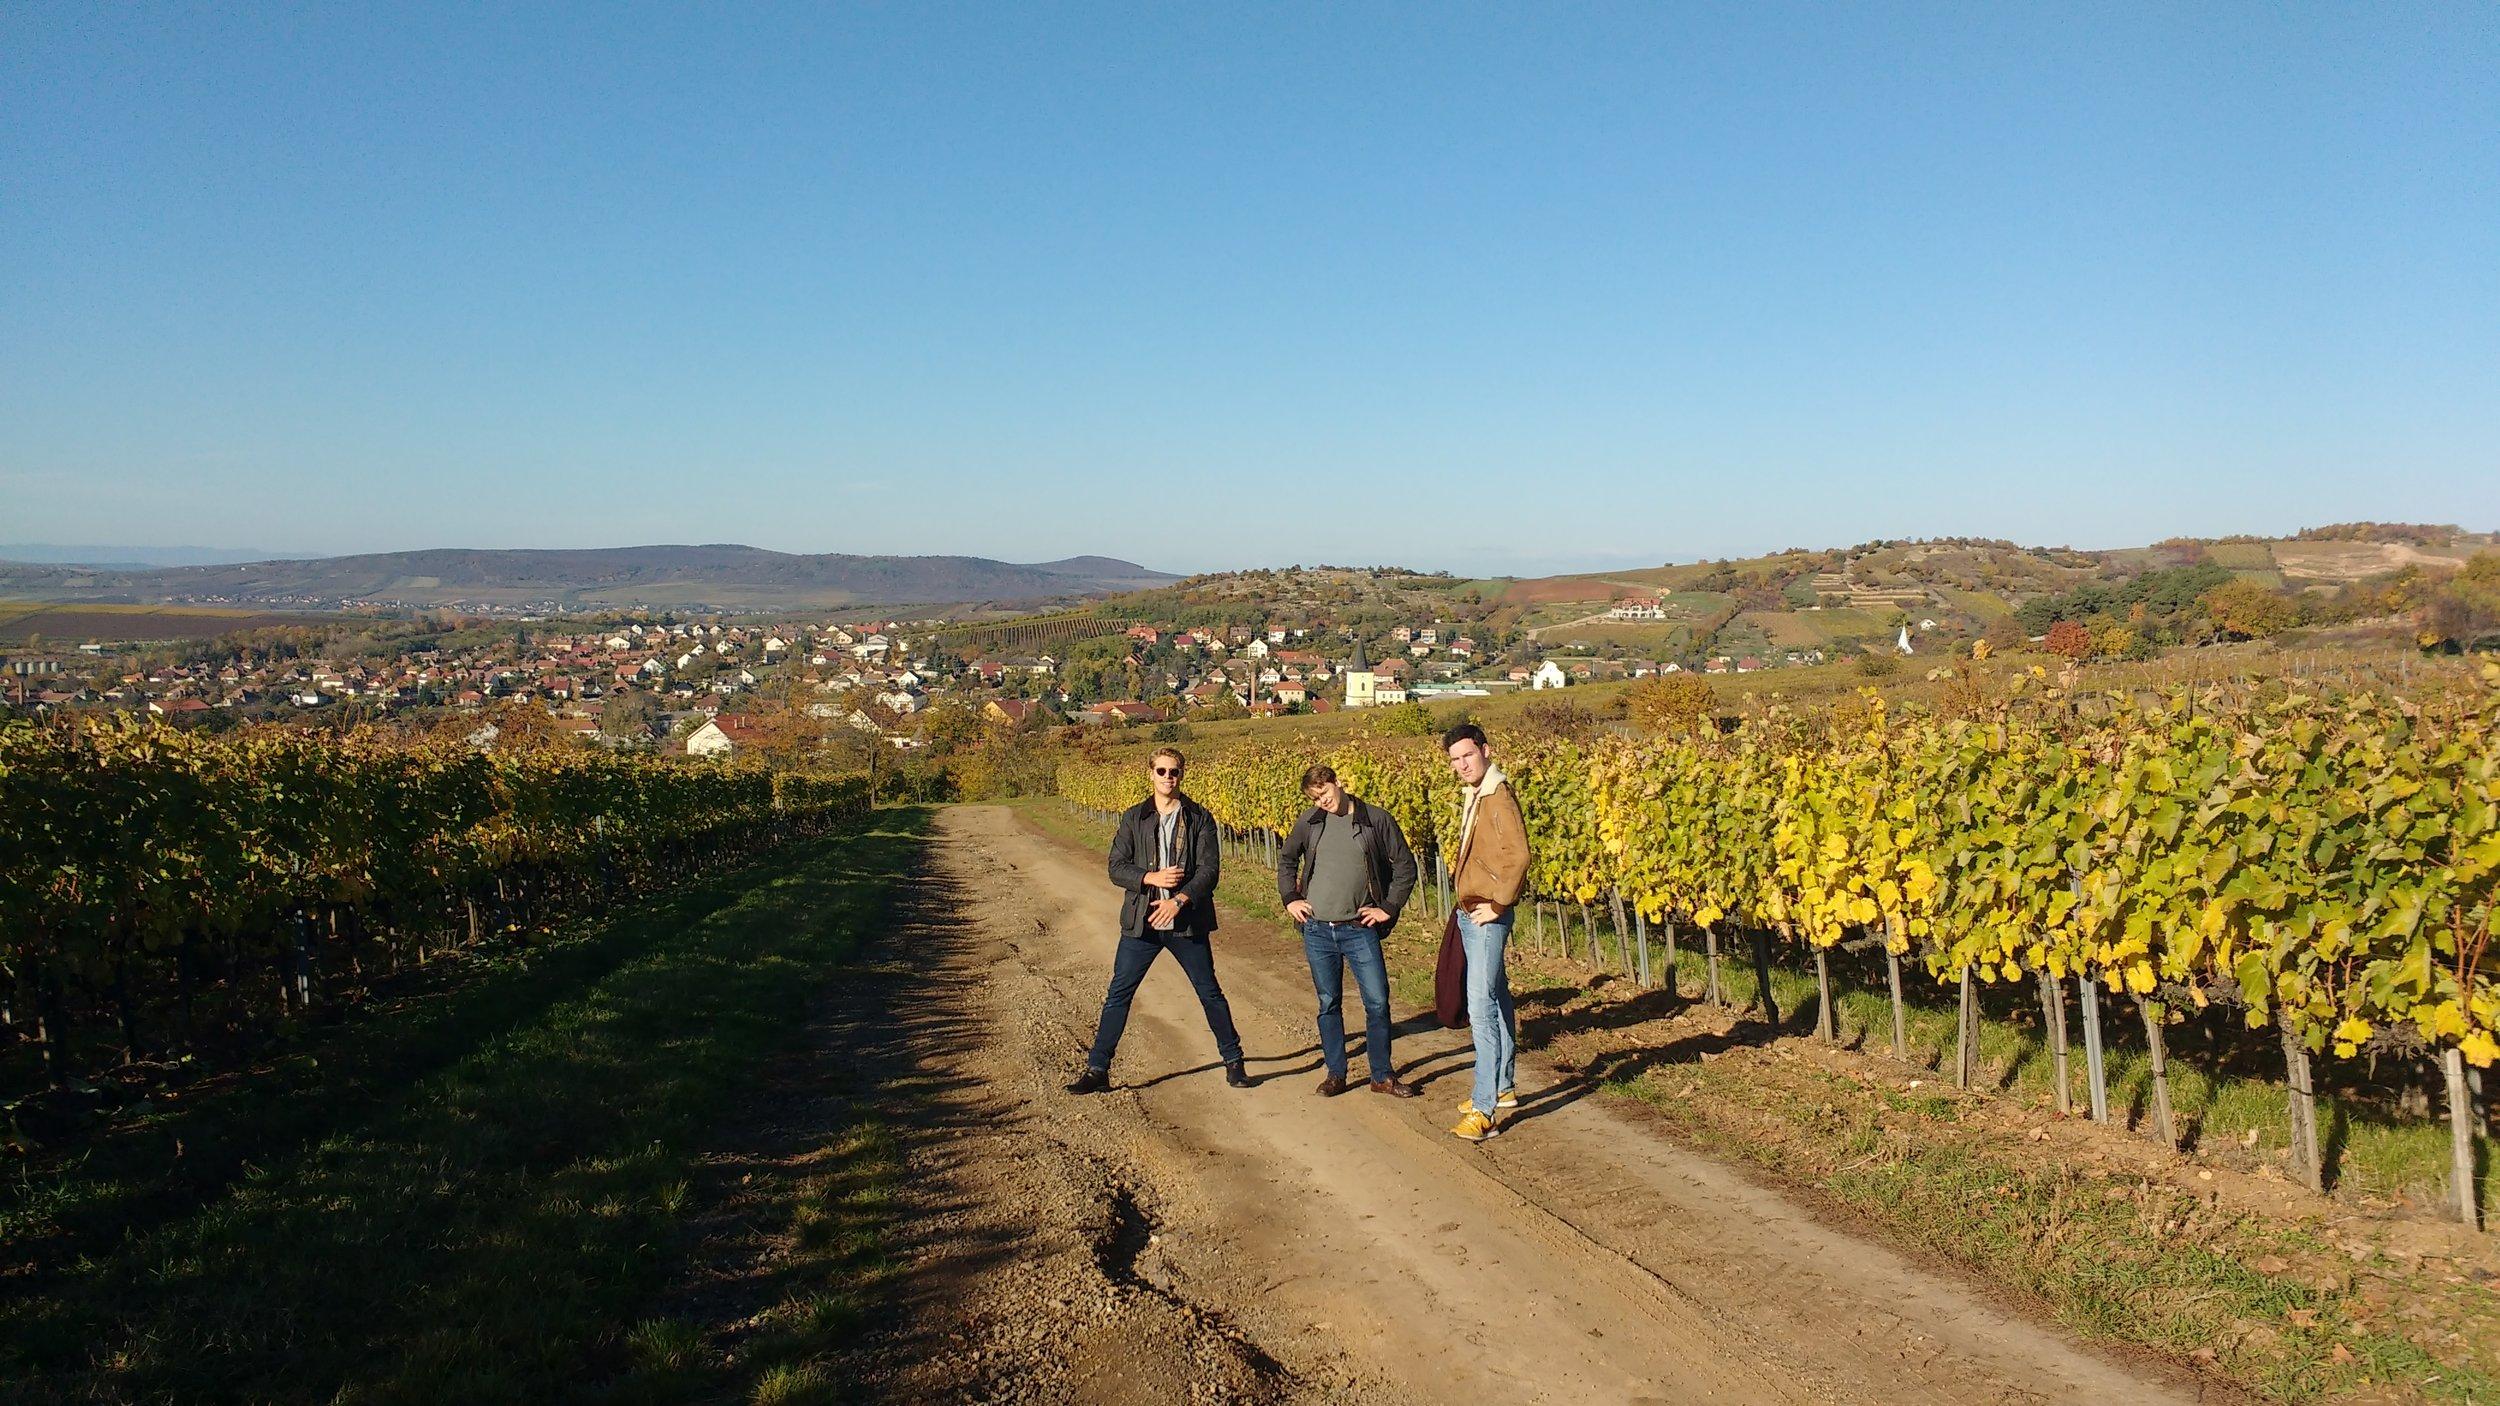 The Szent Tamás vineyard...